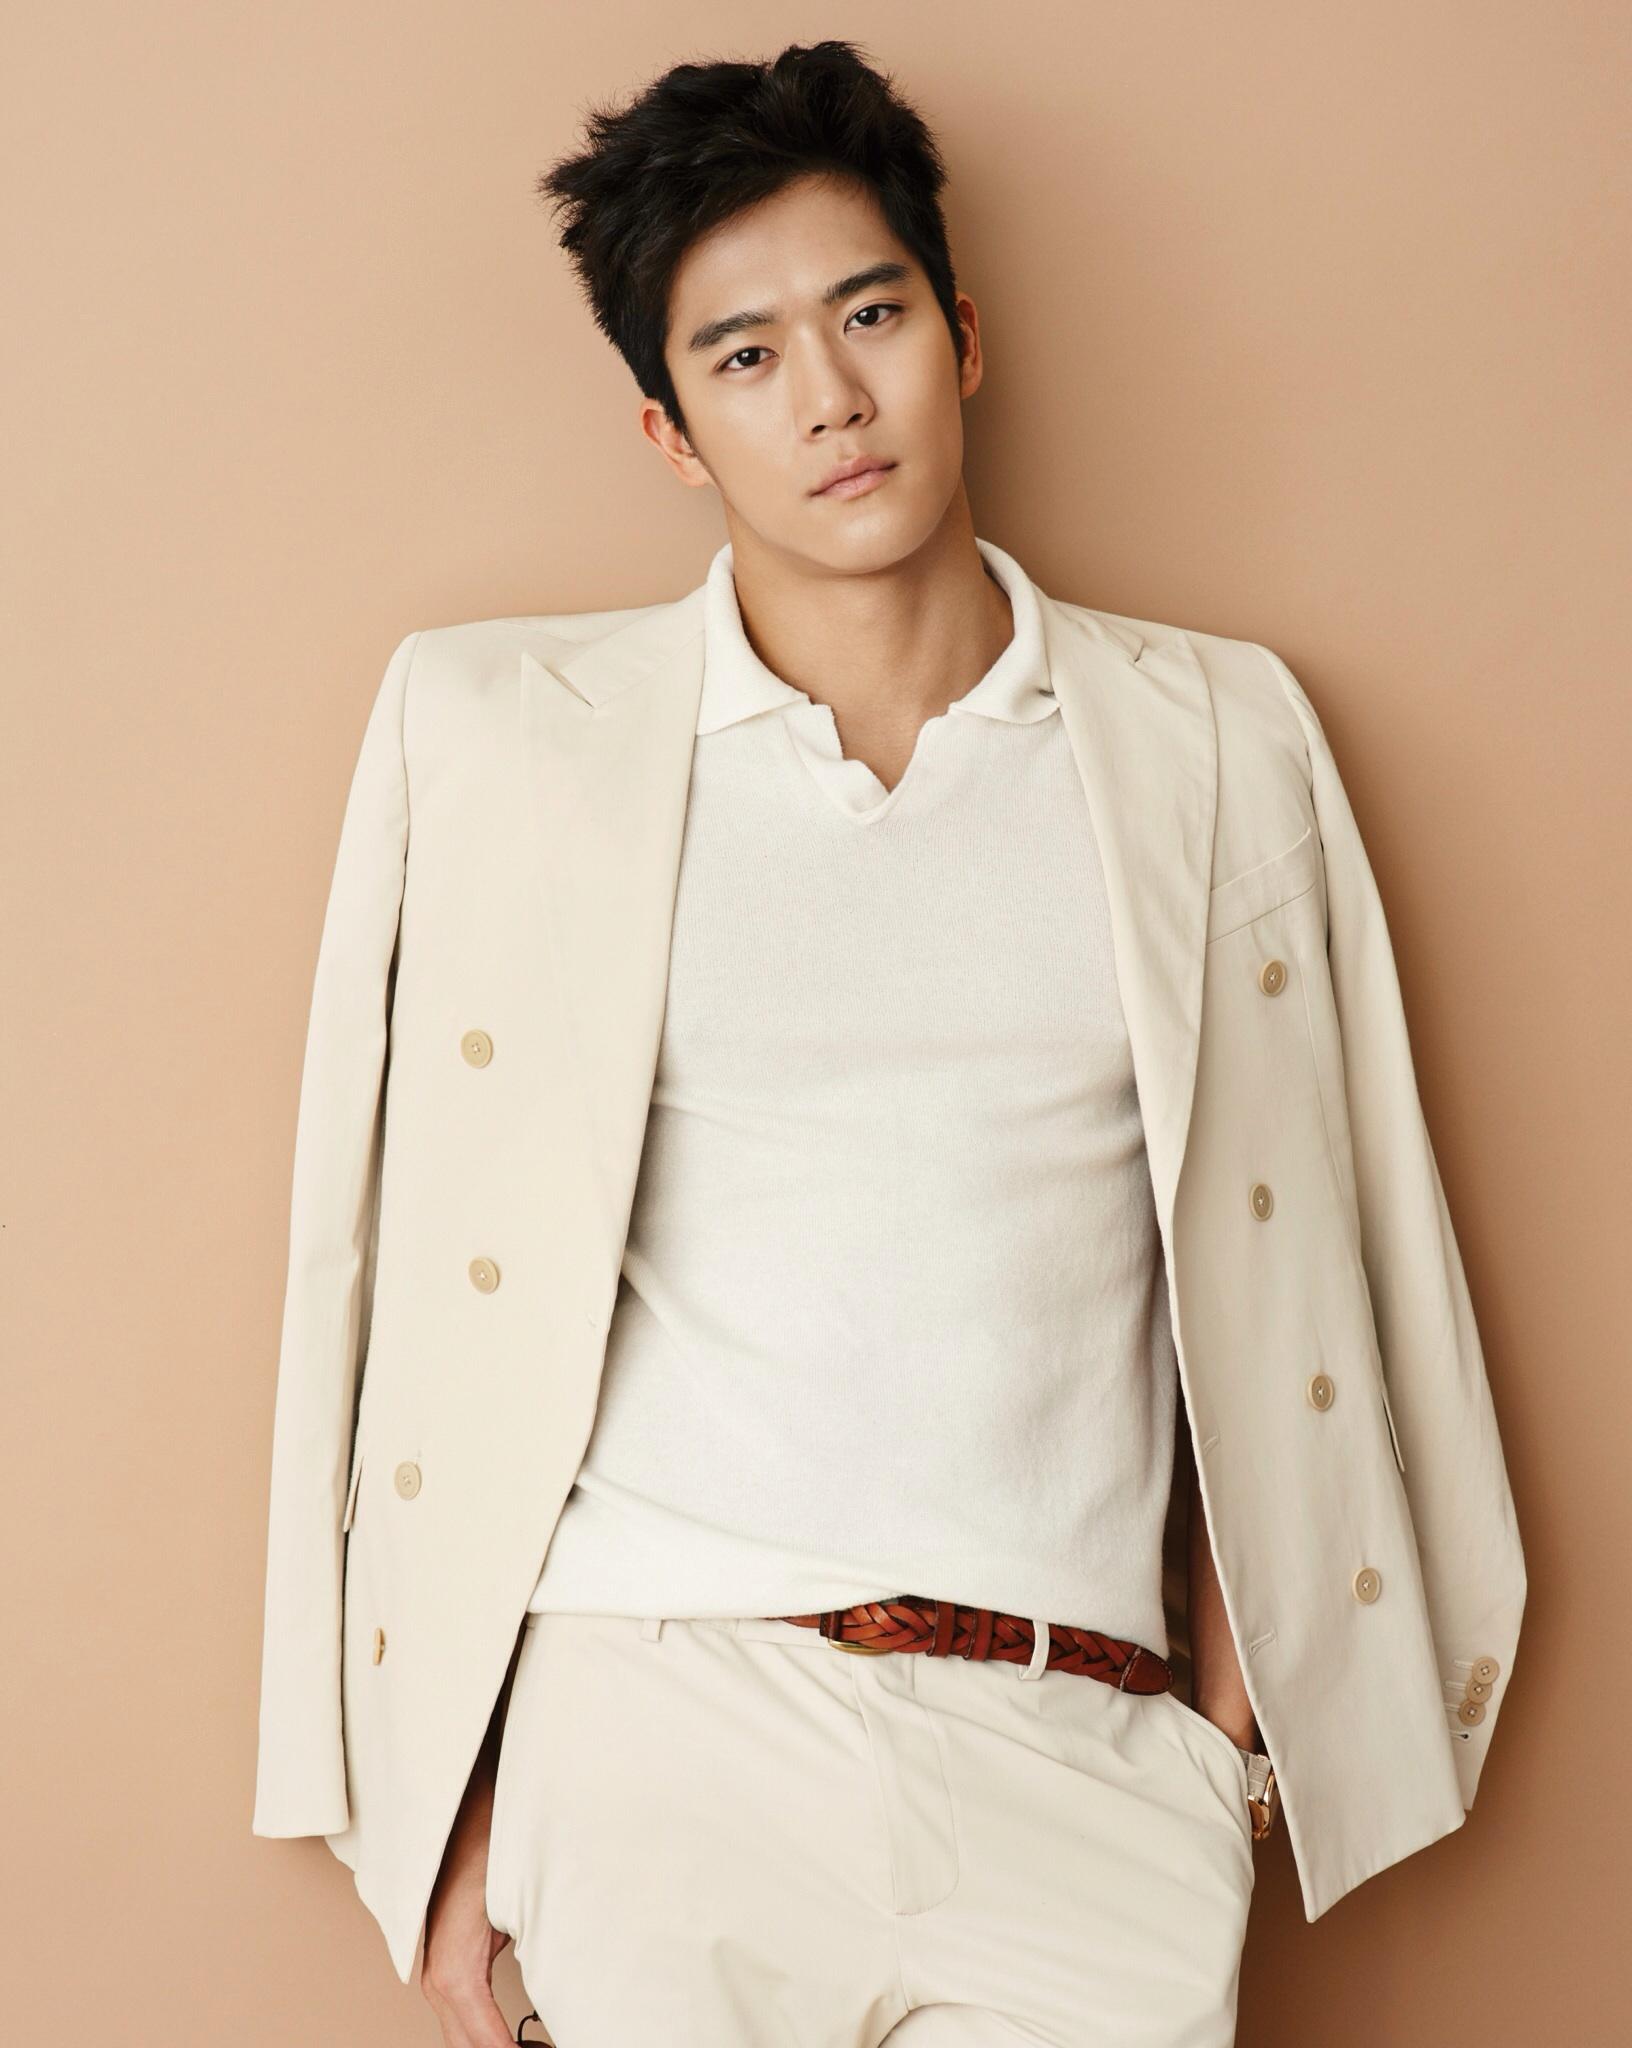 Așa, ca de început de weekend: top 10 cei mai hot actori coreeni și un bonus sexy